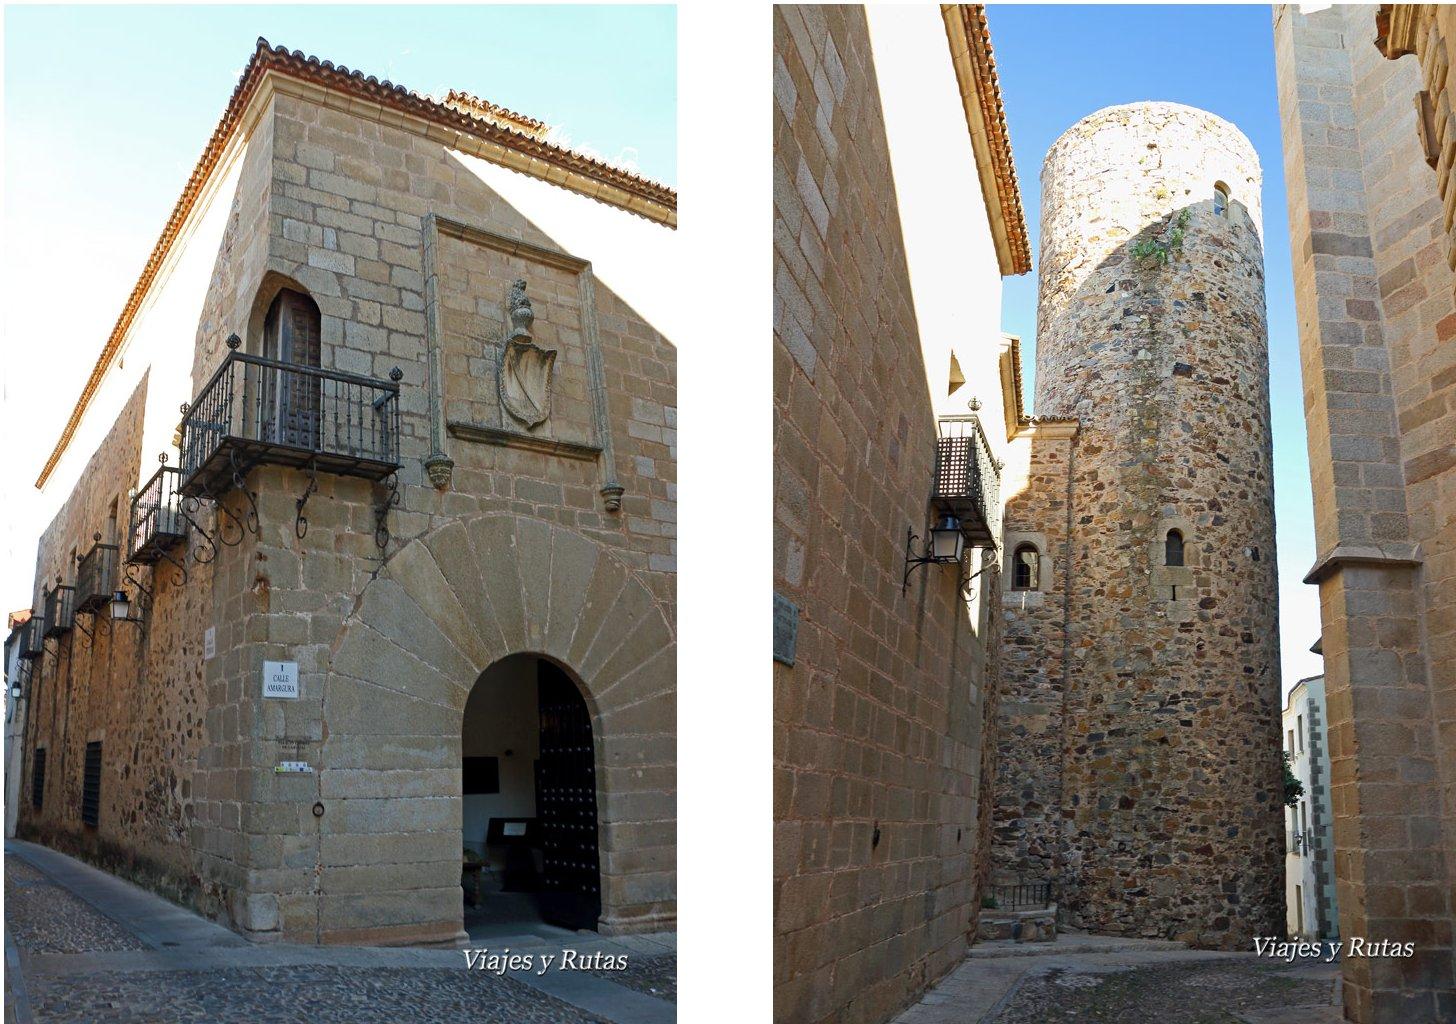 Torre y palacio de Carvajal, Cáceres